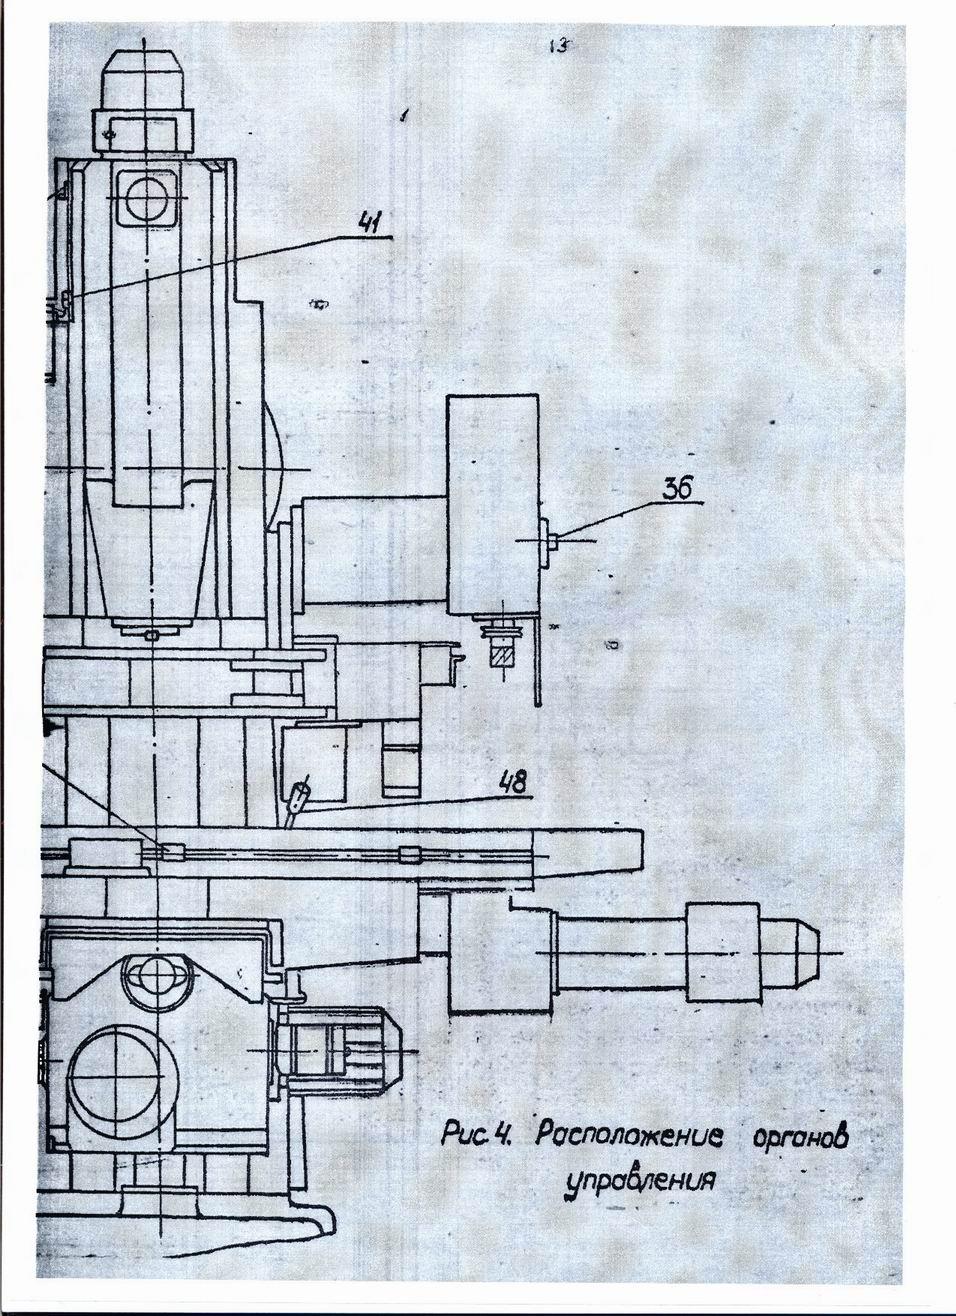 гидравлическая схема станка чпу